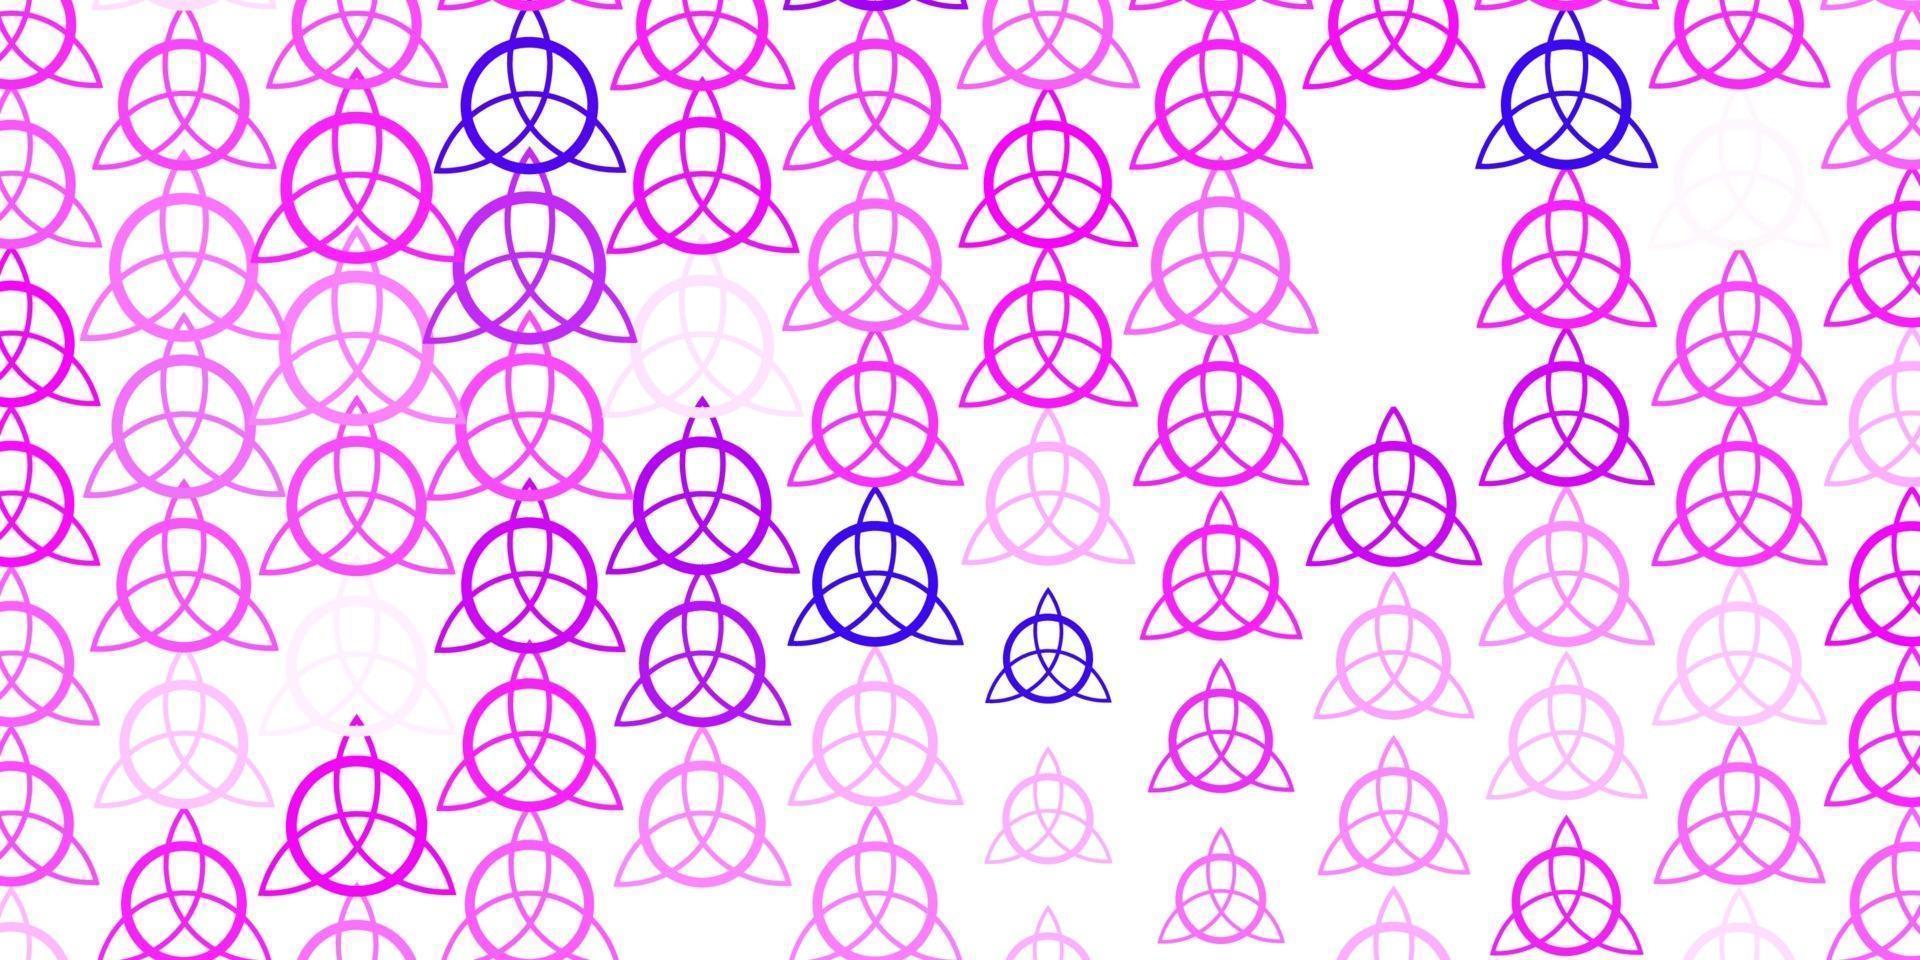 ljuslila, rosa vektormall med esoteriska tecken. vektor